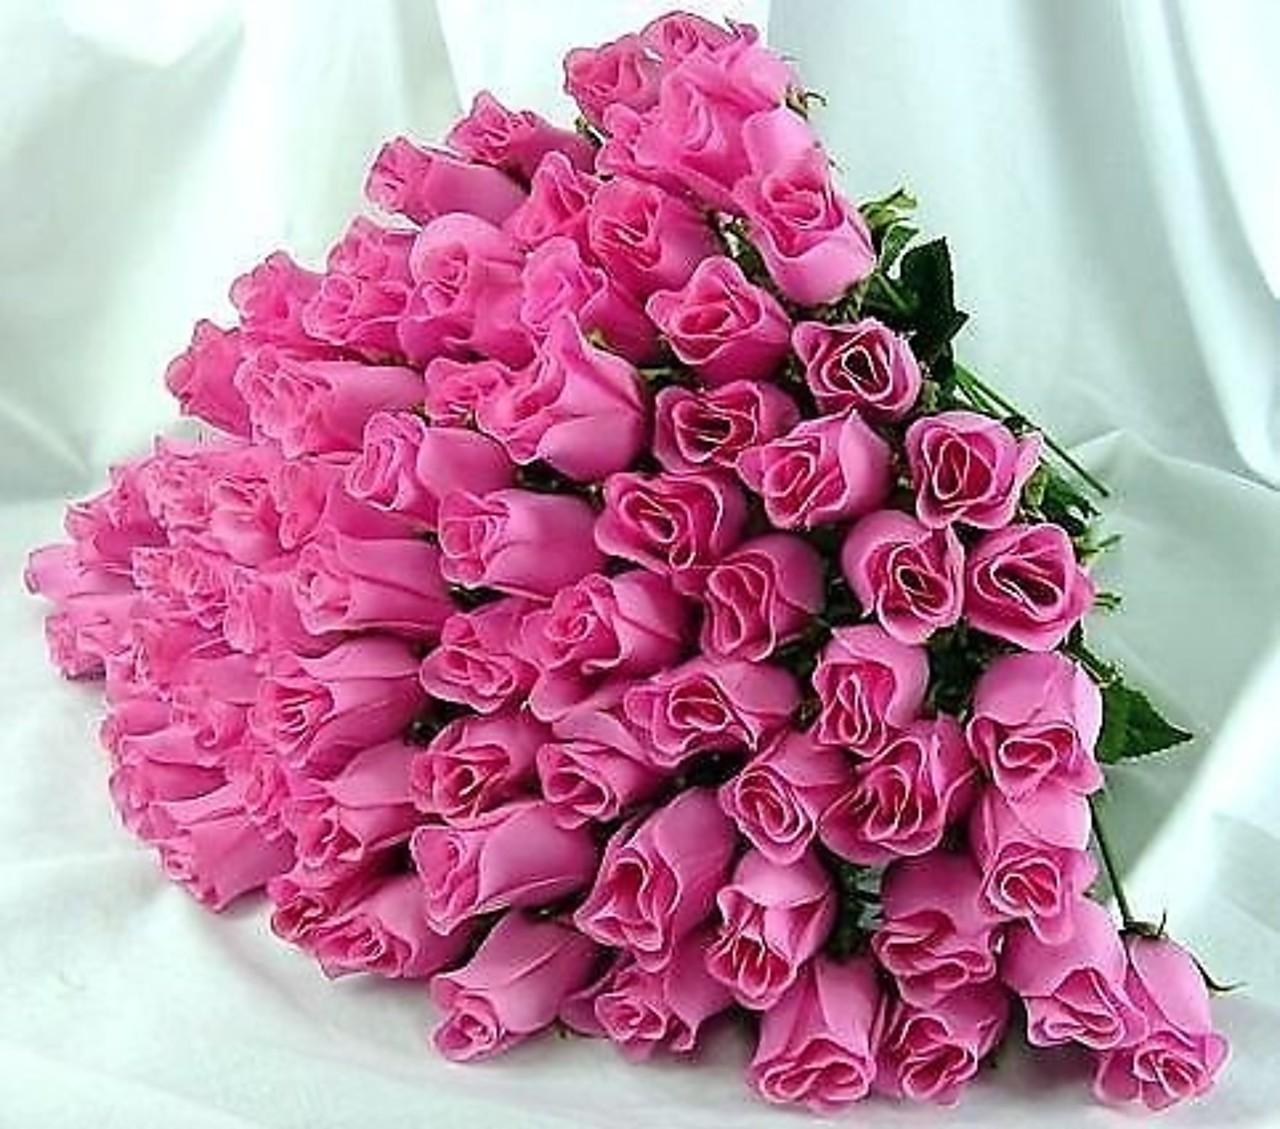 بالصور اجمل بوكيه ورد فى الدنيا , صور الورد روعة 3495 8